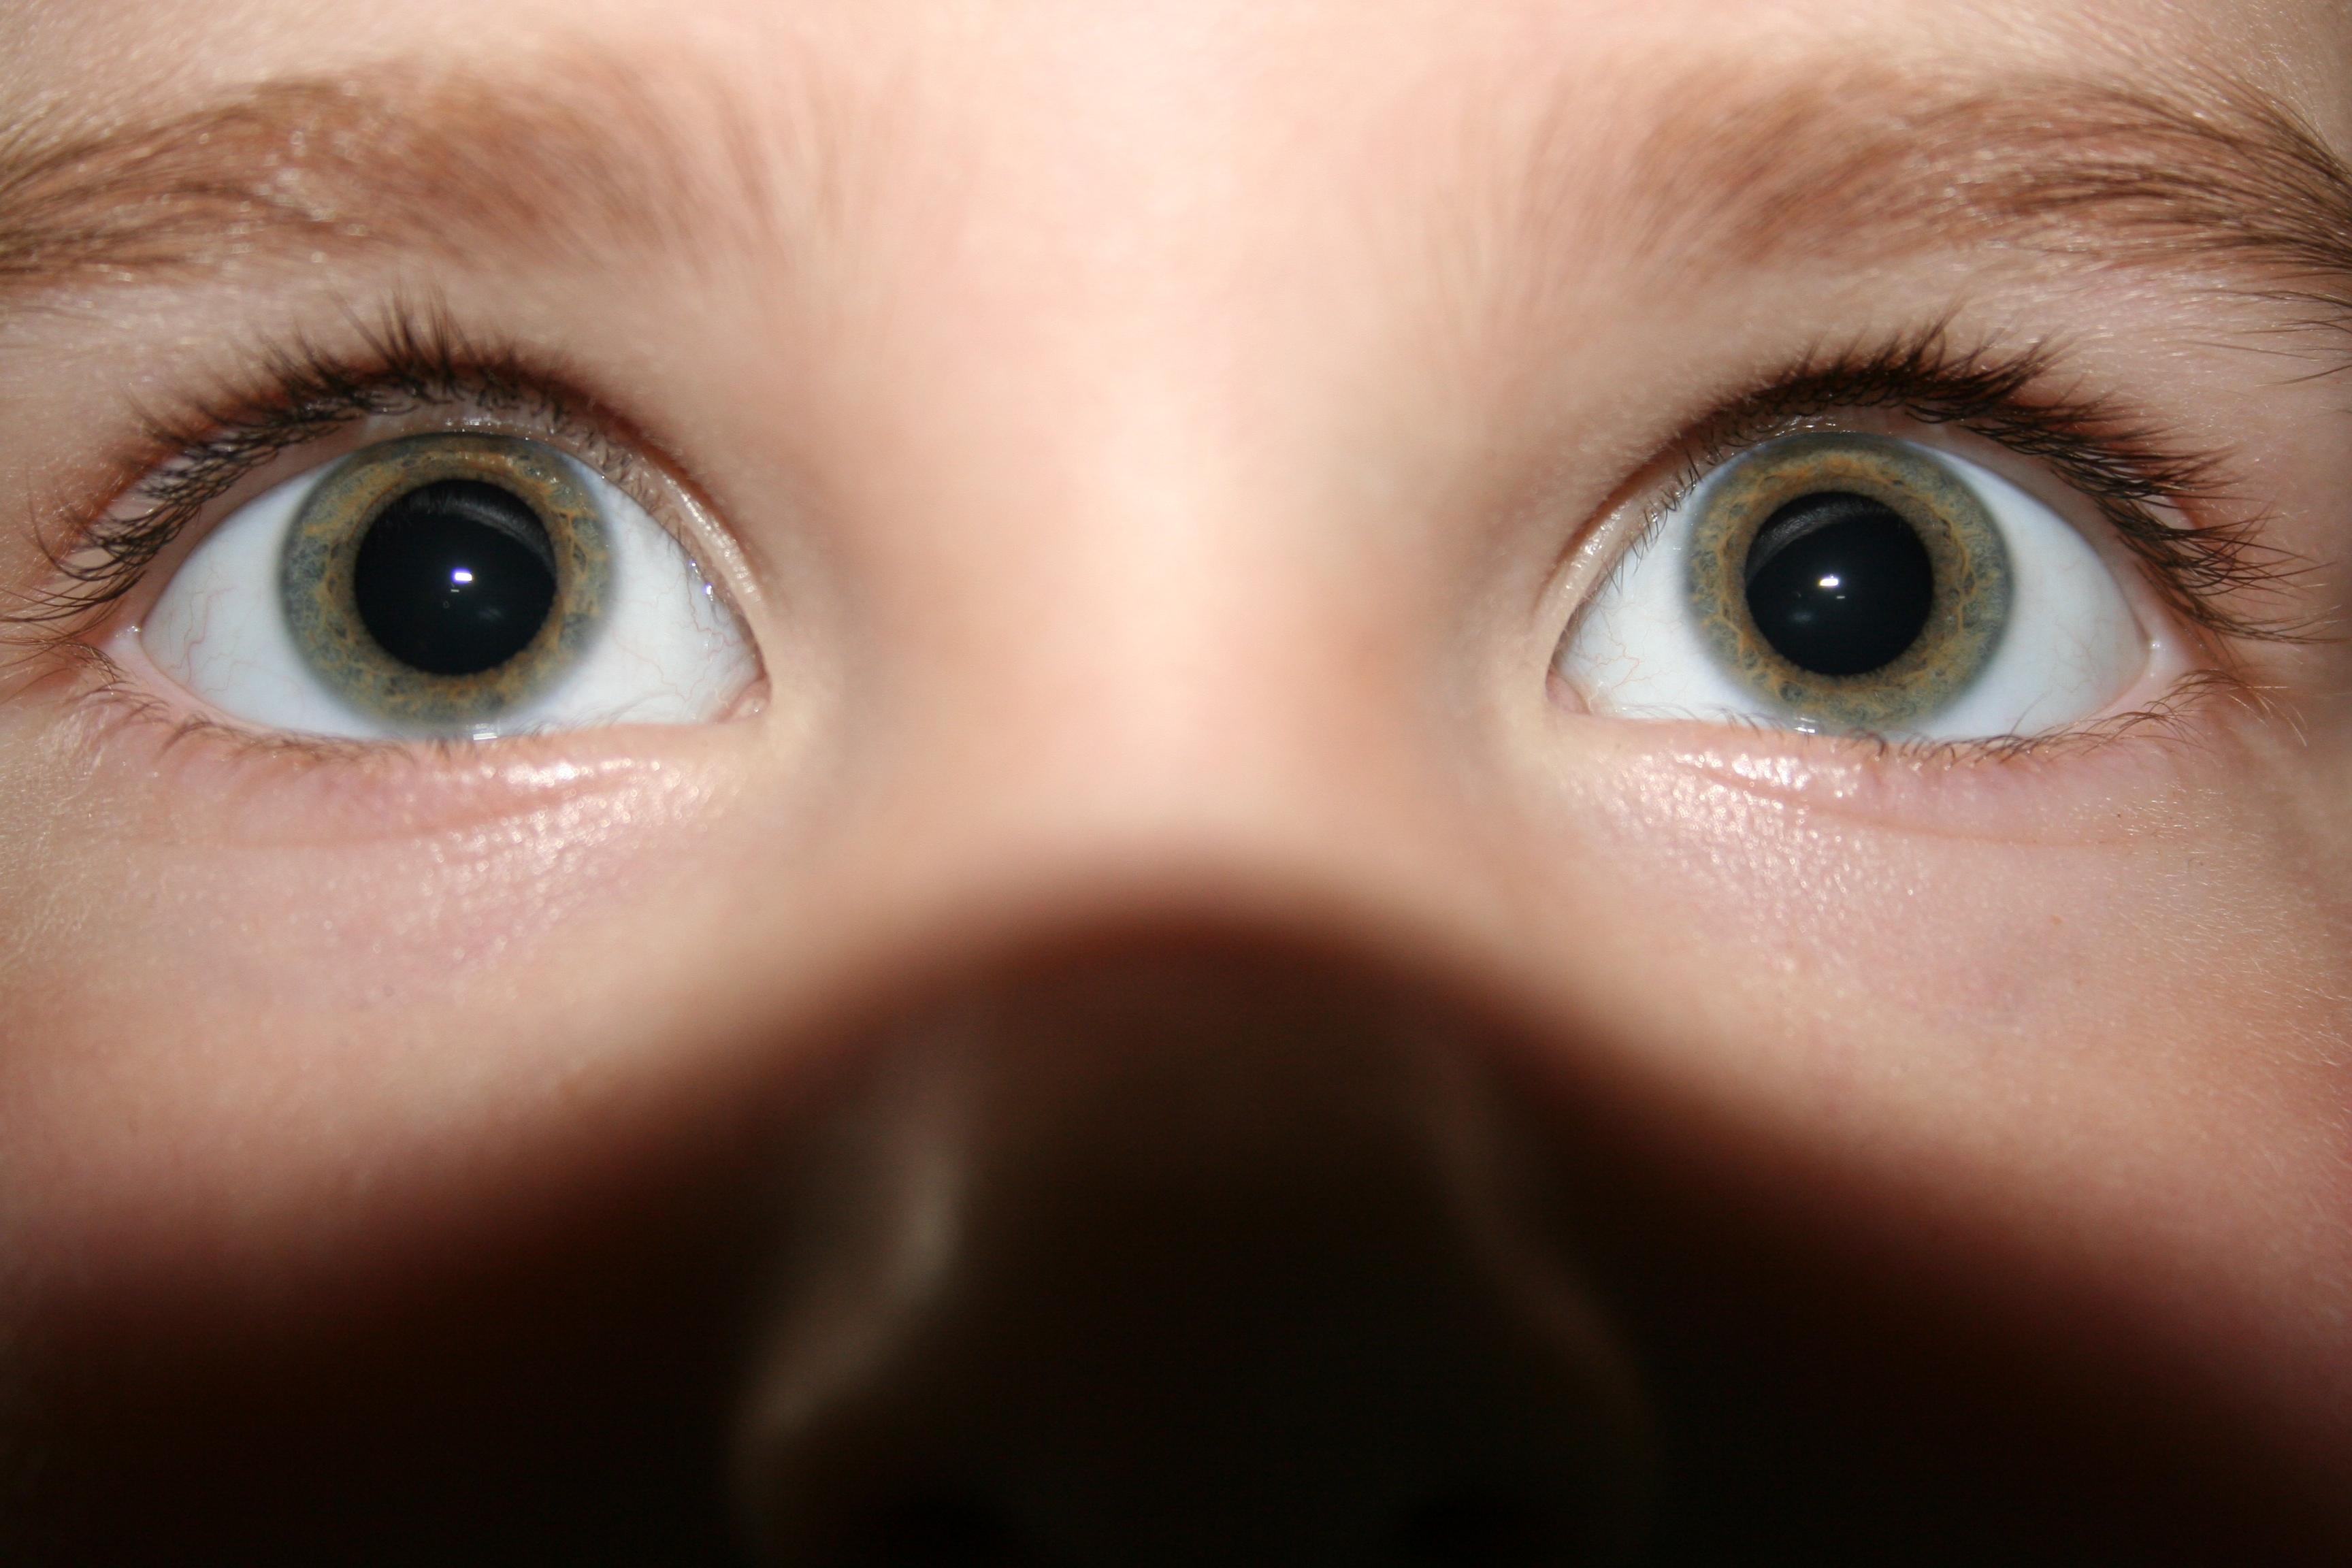 Zij ziet jou. Zie jij haar? Focus!